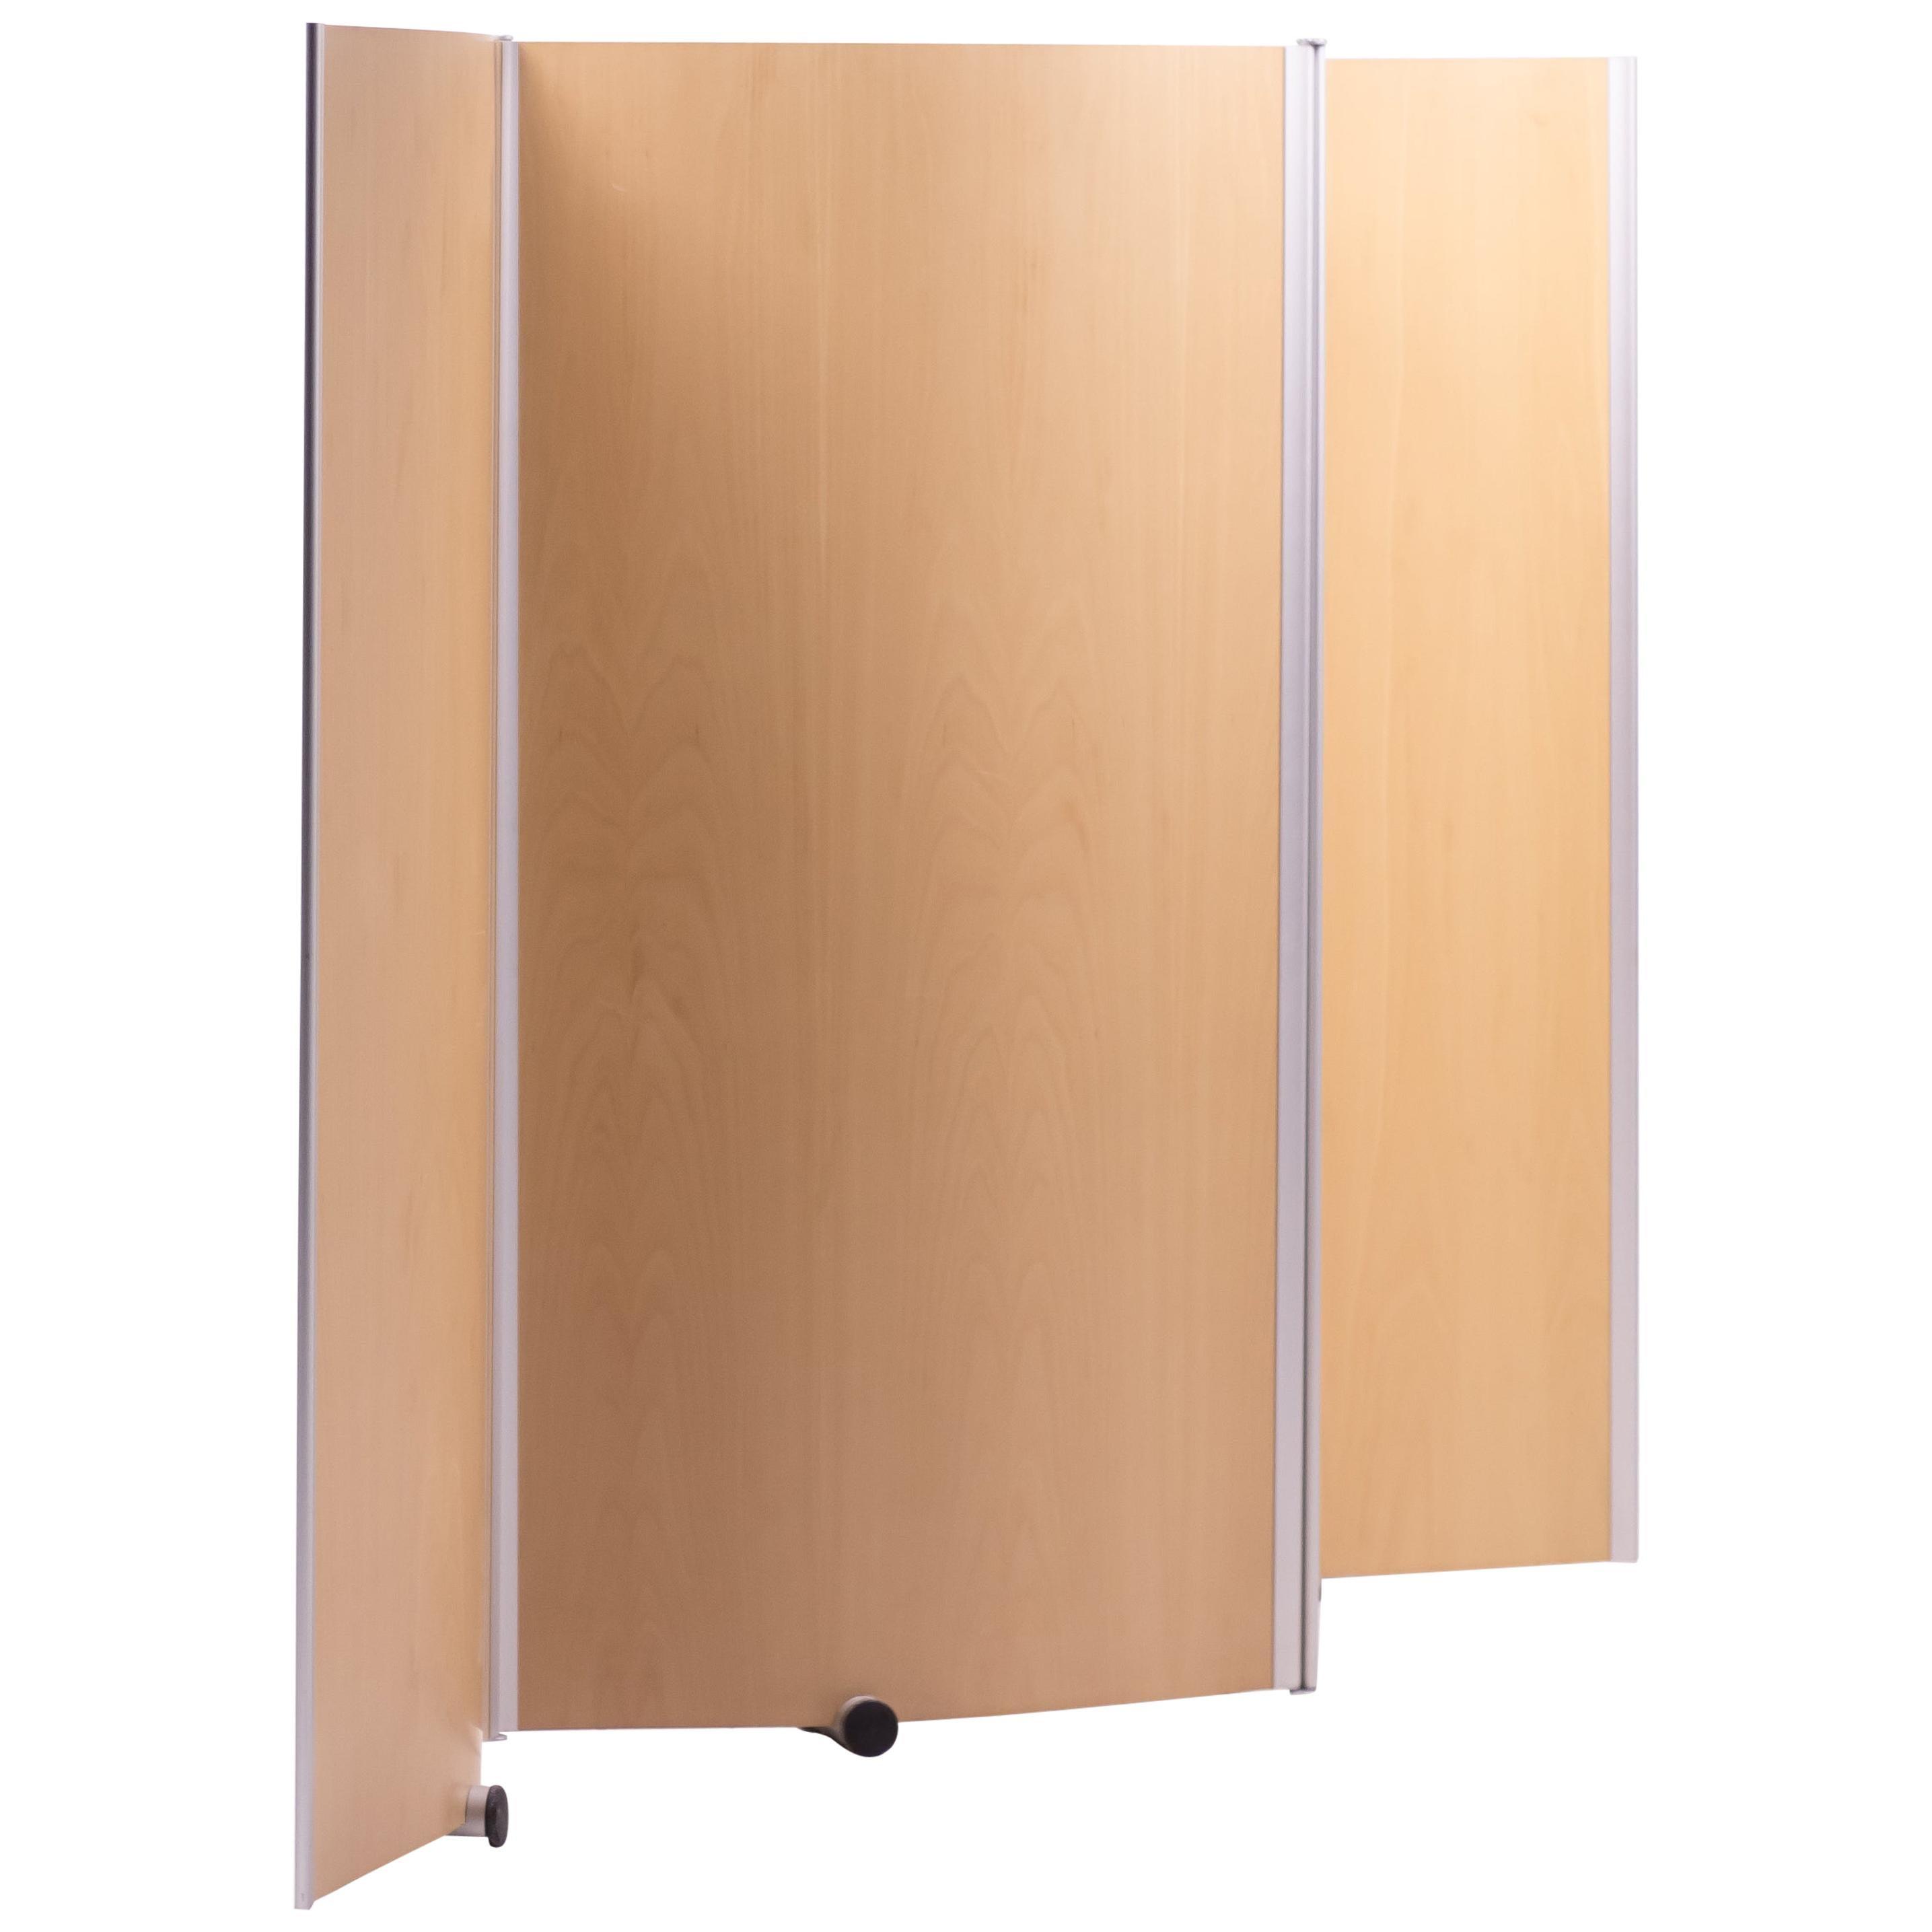 Rare Large Plywood Screen by Studio Pelikan